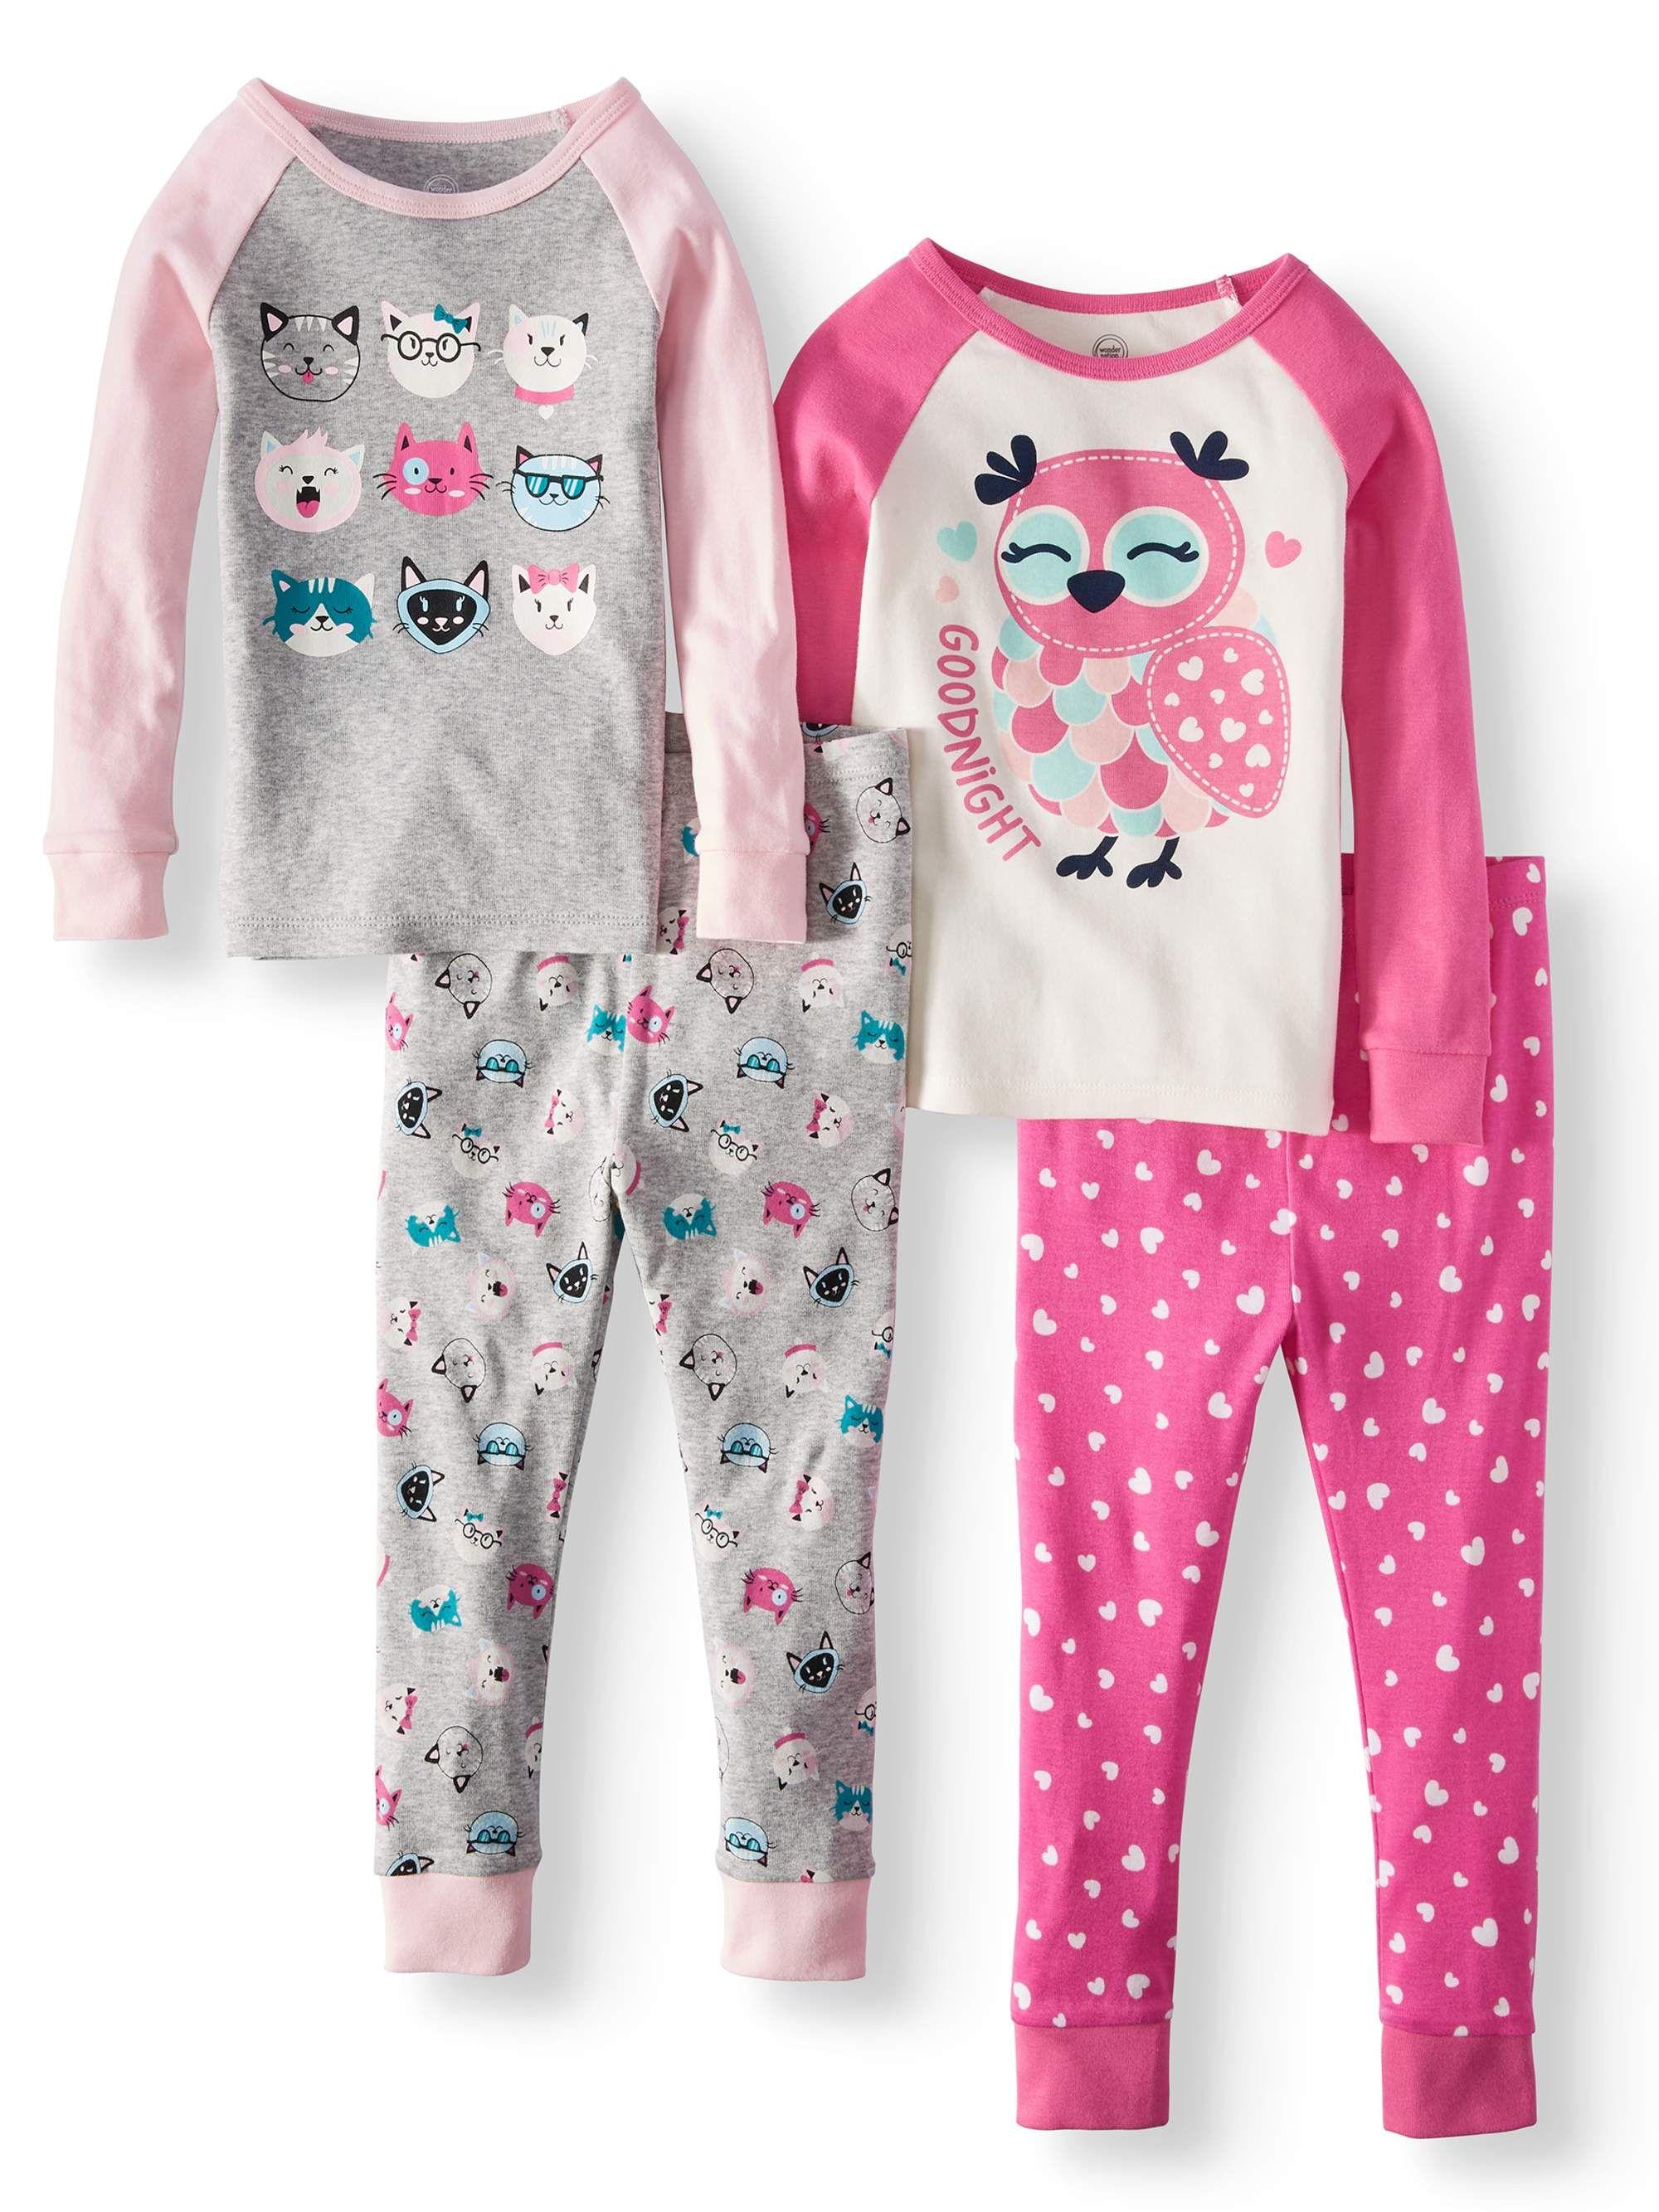 Wonder Nation Cotton Tight Fit Pajamas 4 Piece Set Toddler Girls